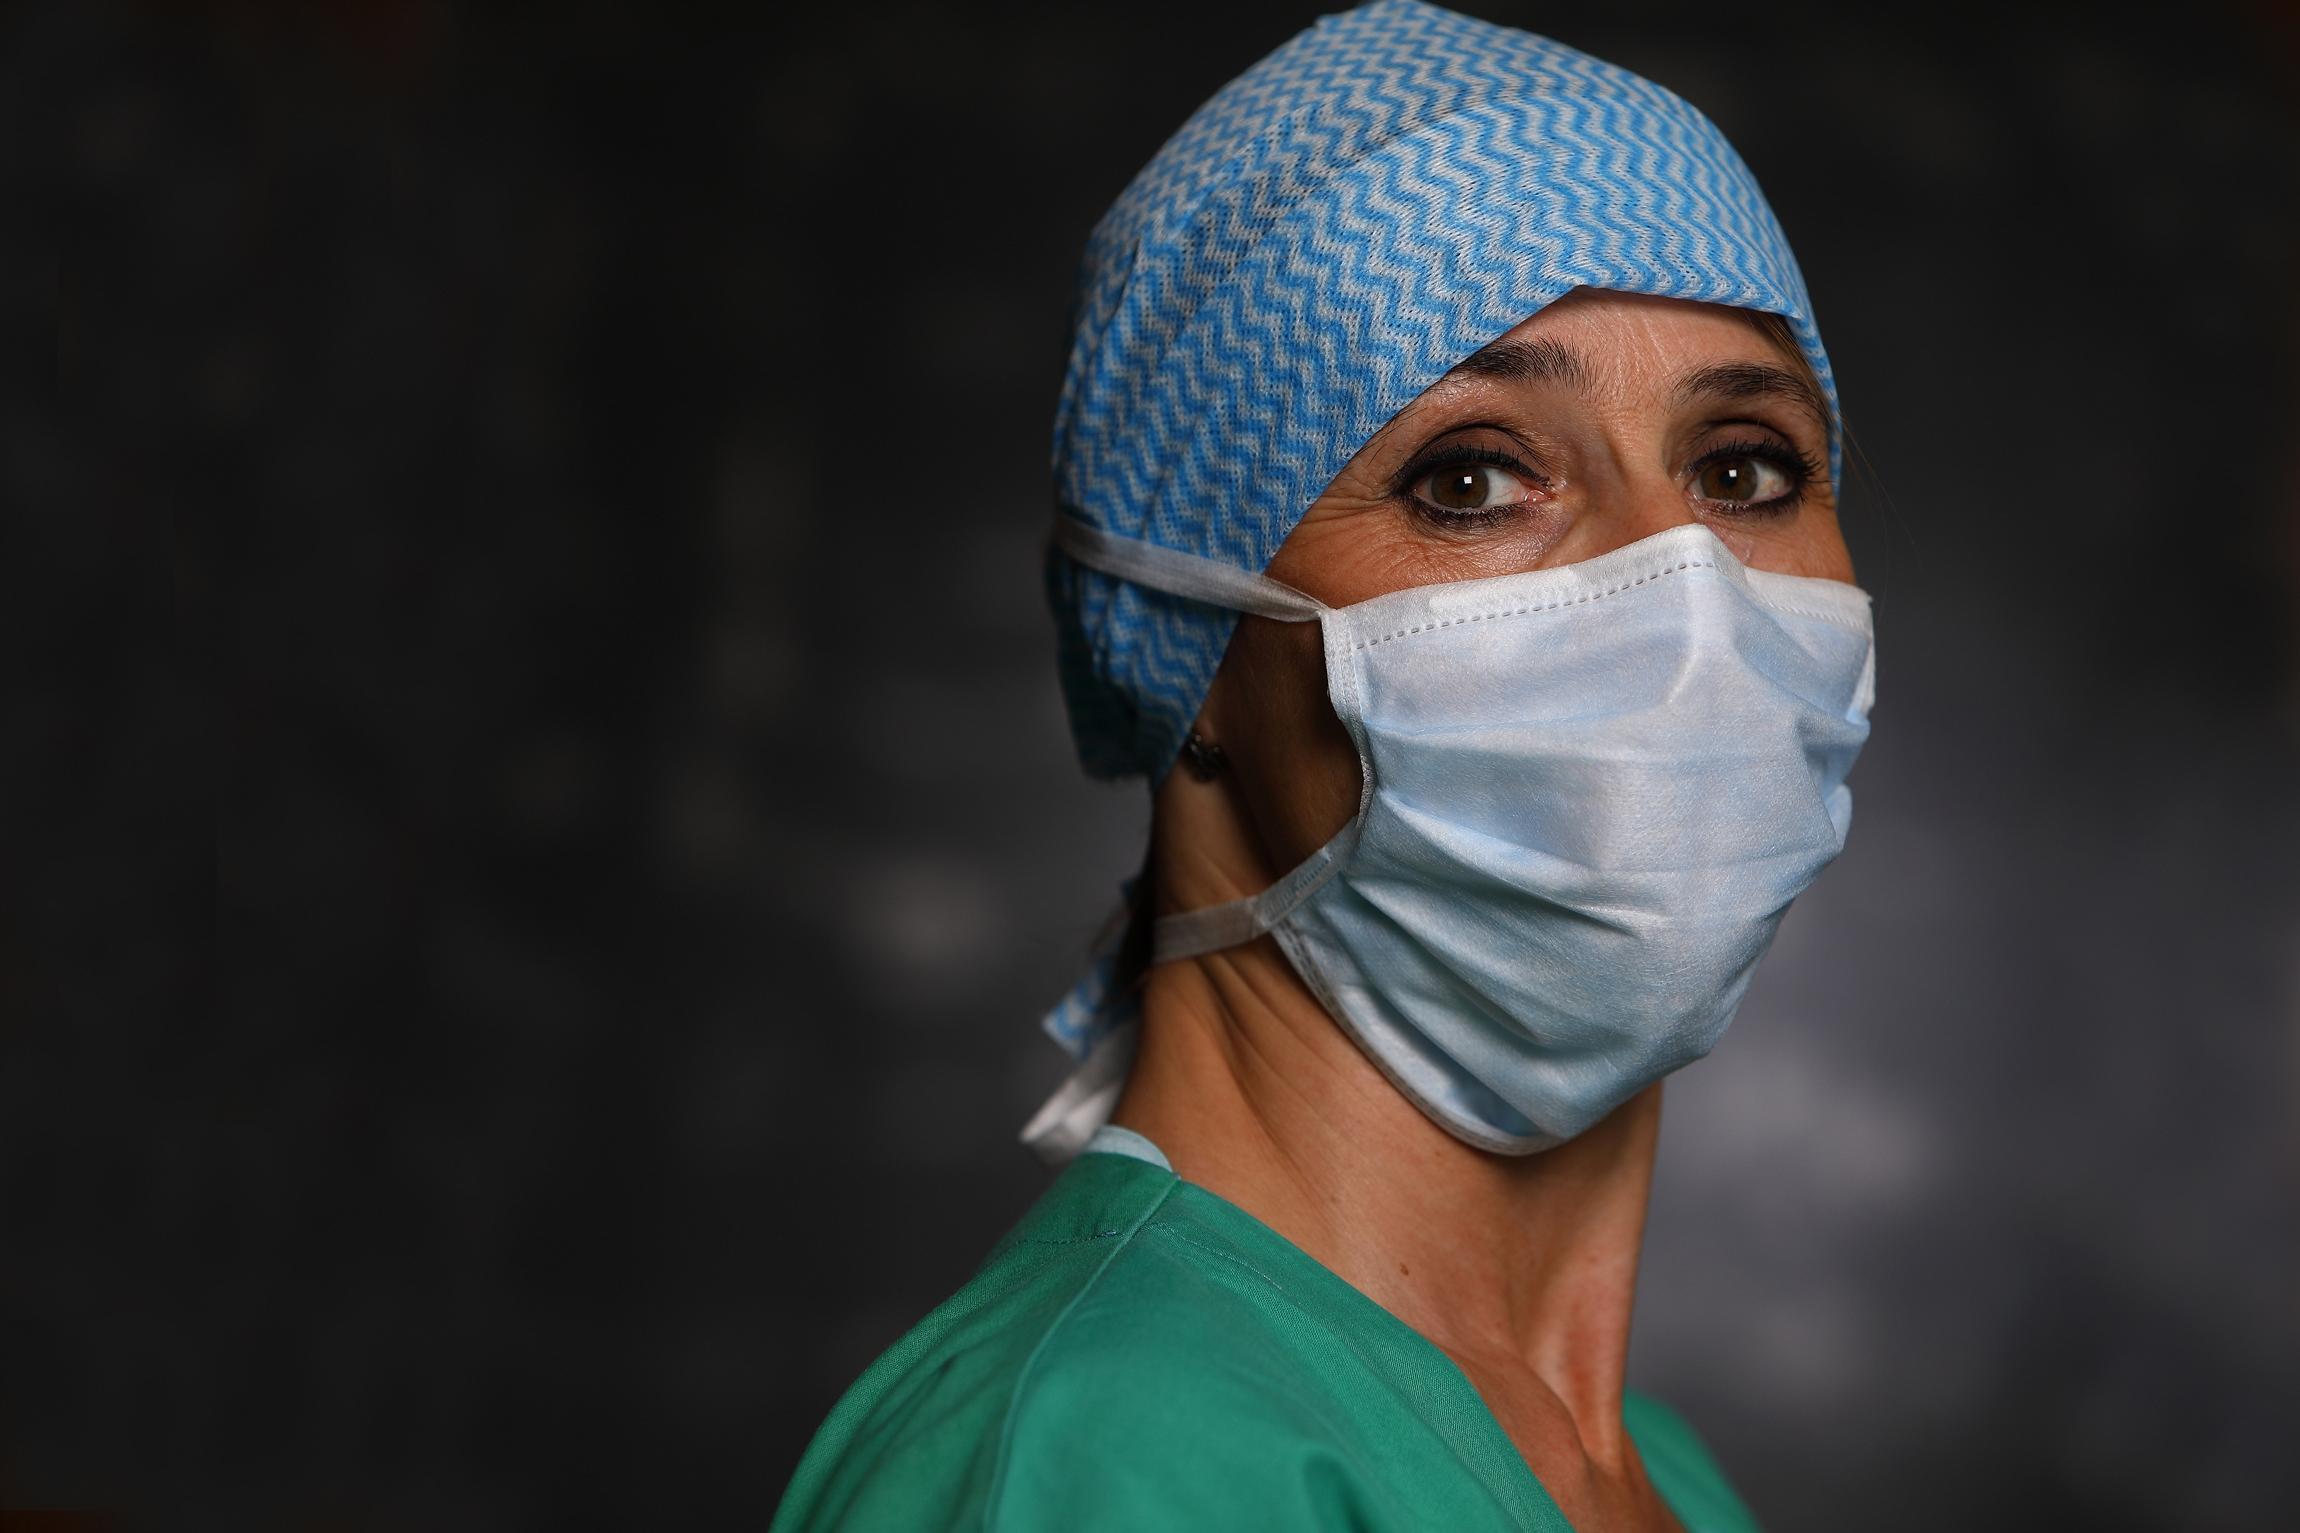 Héros ordinaires #7 – Frédérique, infirmière de bloc et volontaire en réanimation